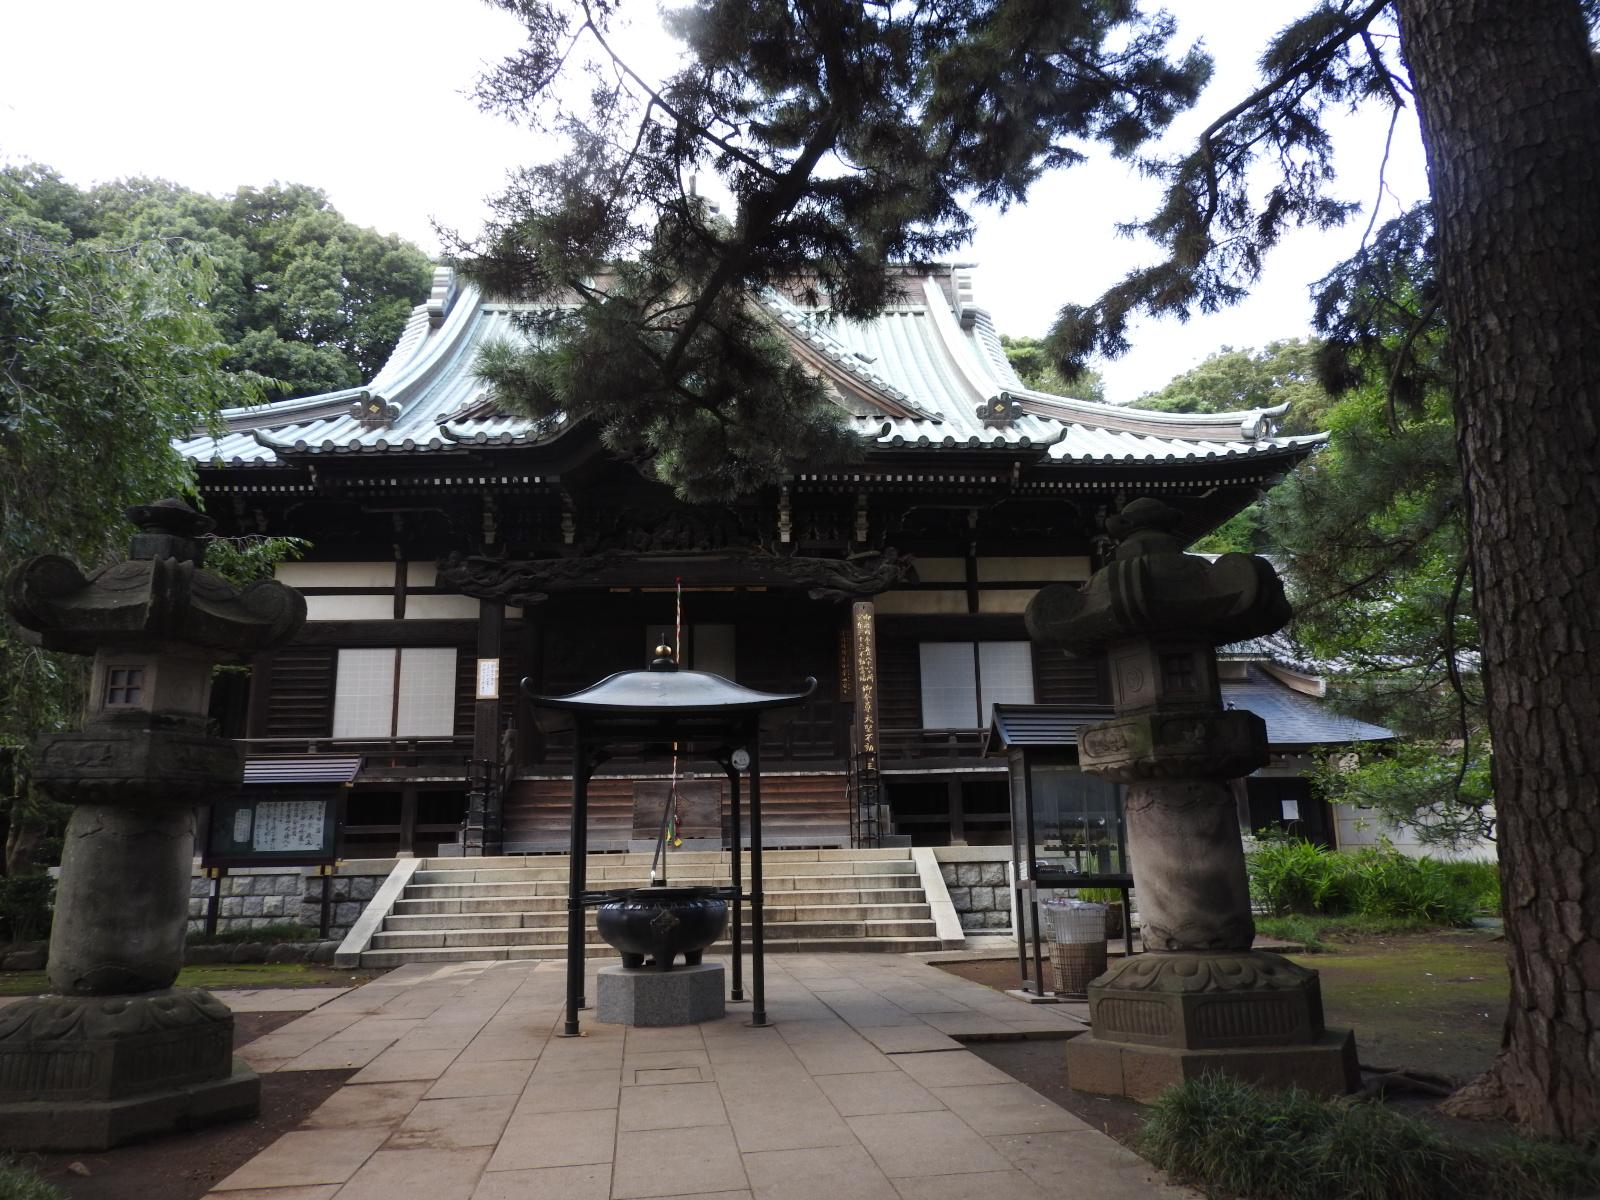 三宝寺と氷川神社